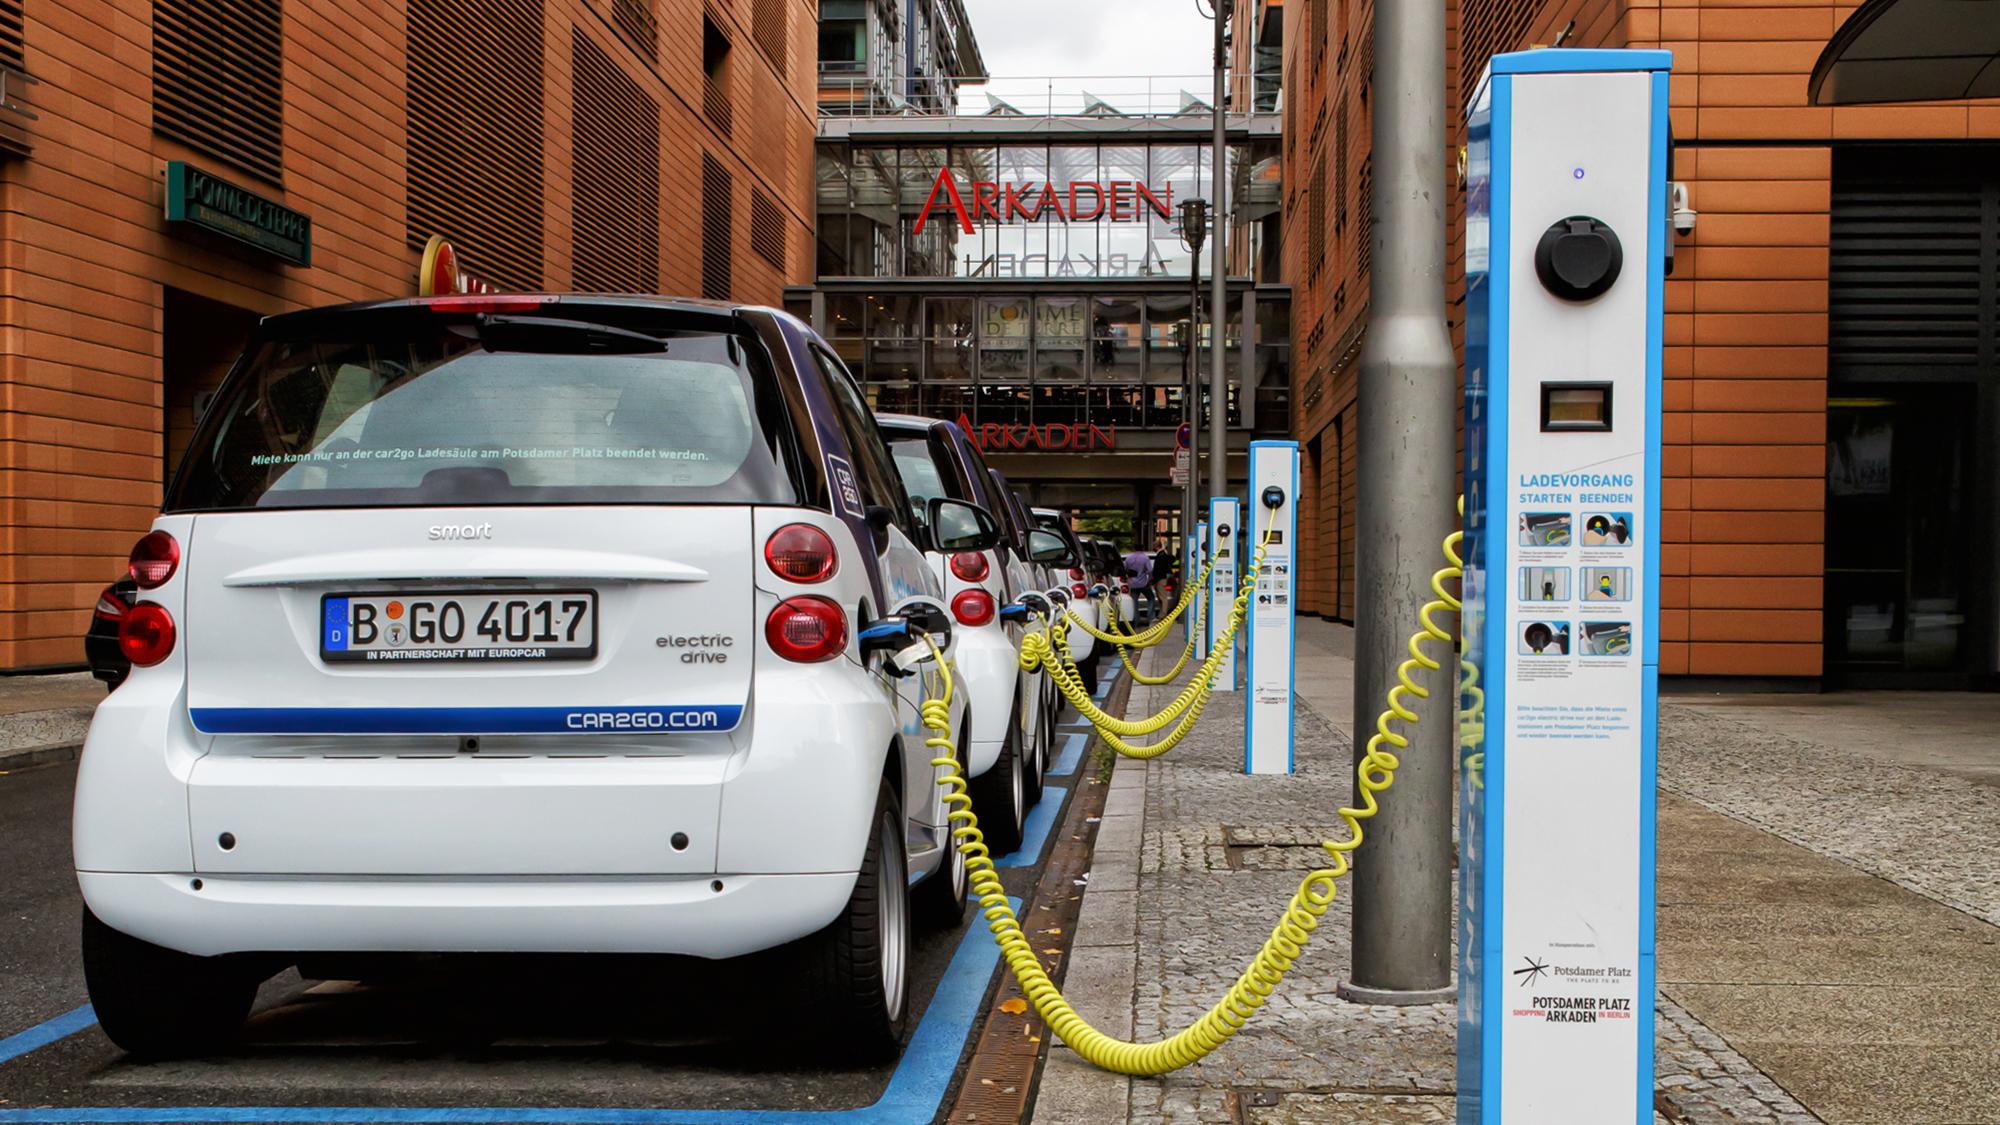 какая из стран лидирует по количеству электромобилей - в Норвегии 30% всех авто электромобили